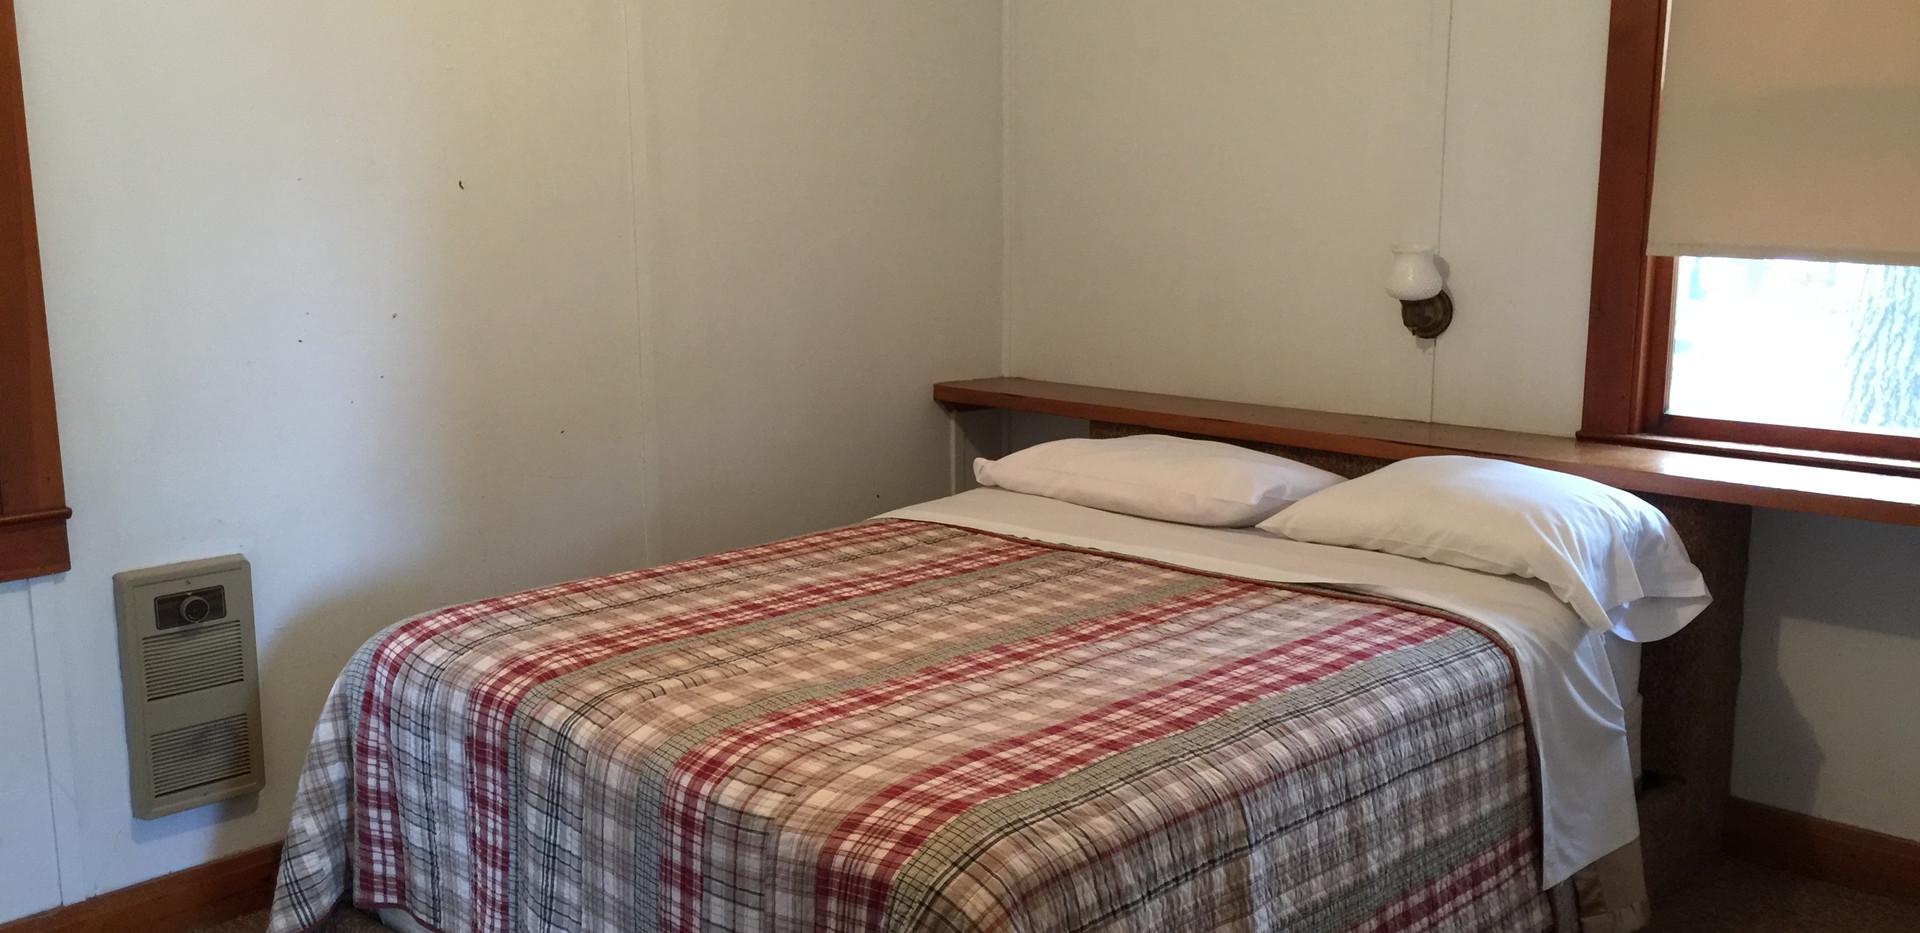 Cabin #1 - 2 Bedrooms